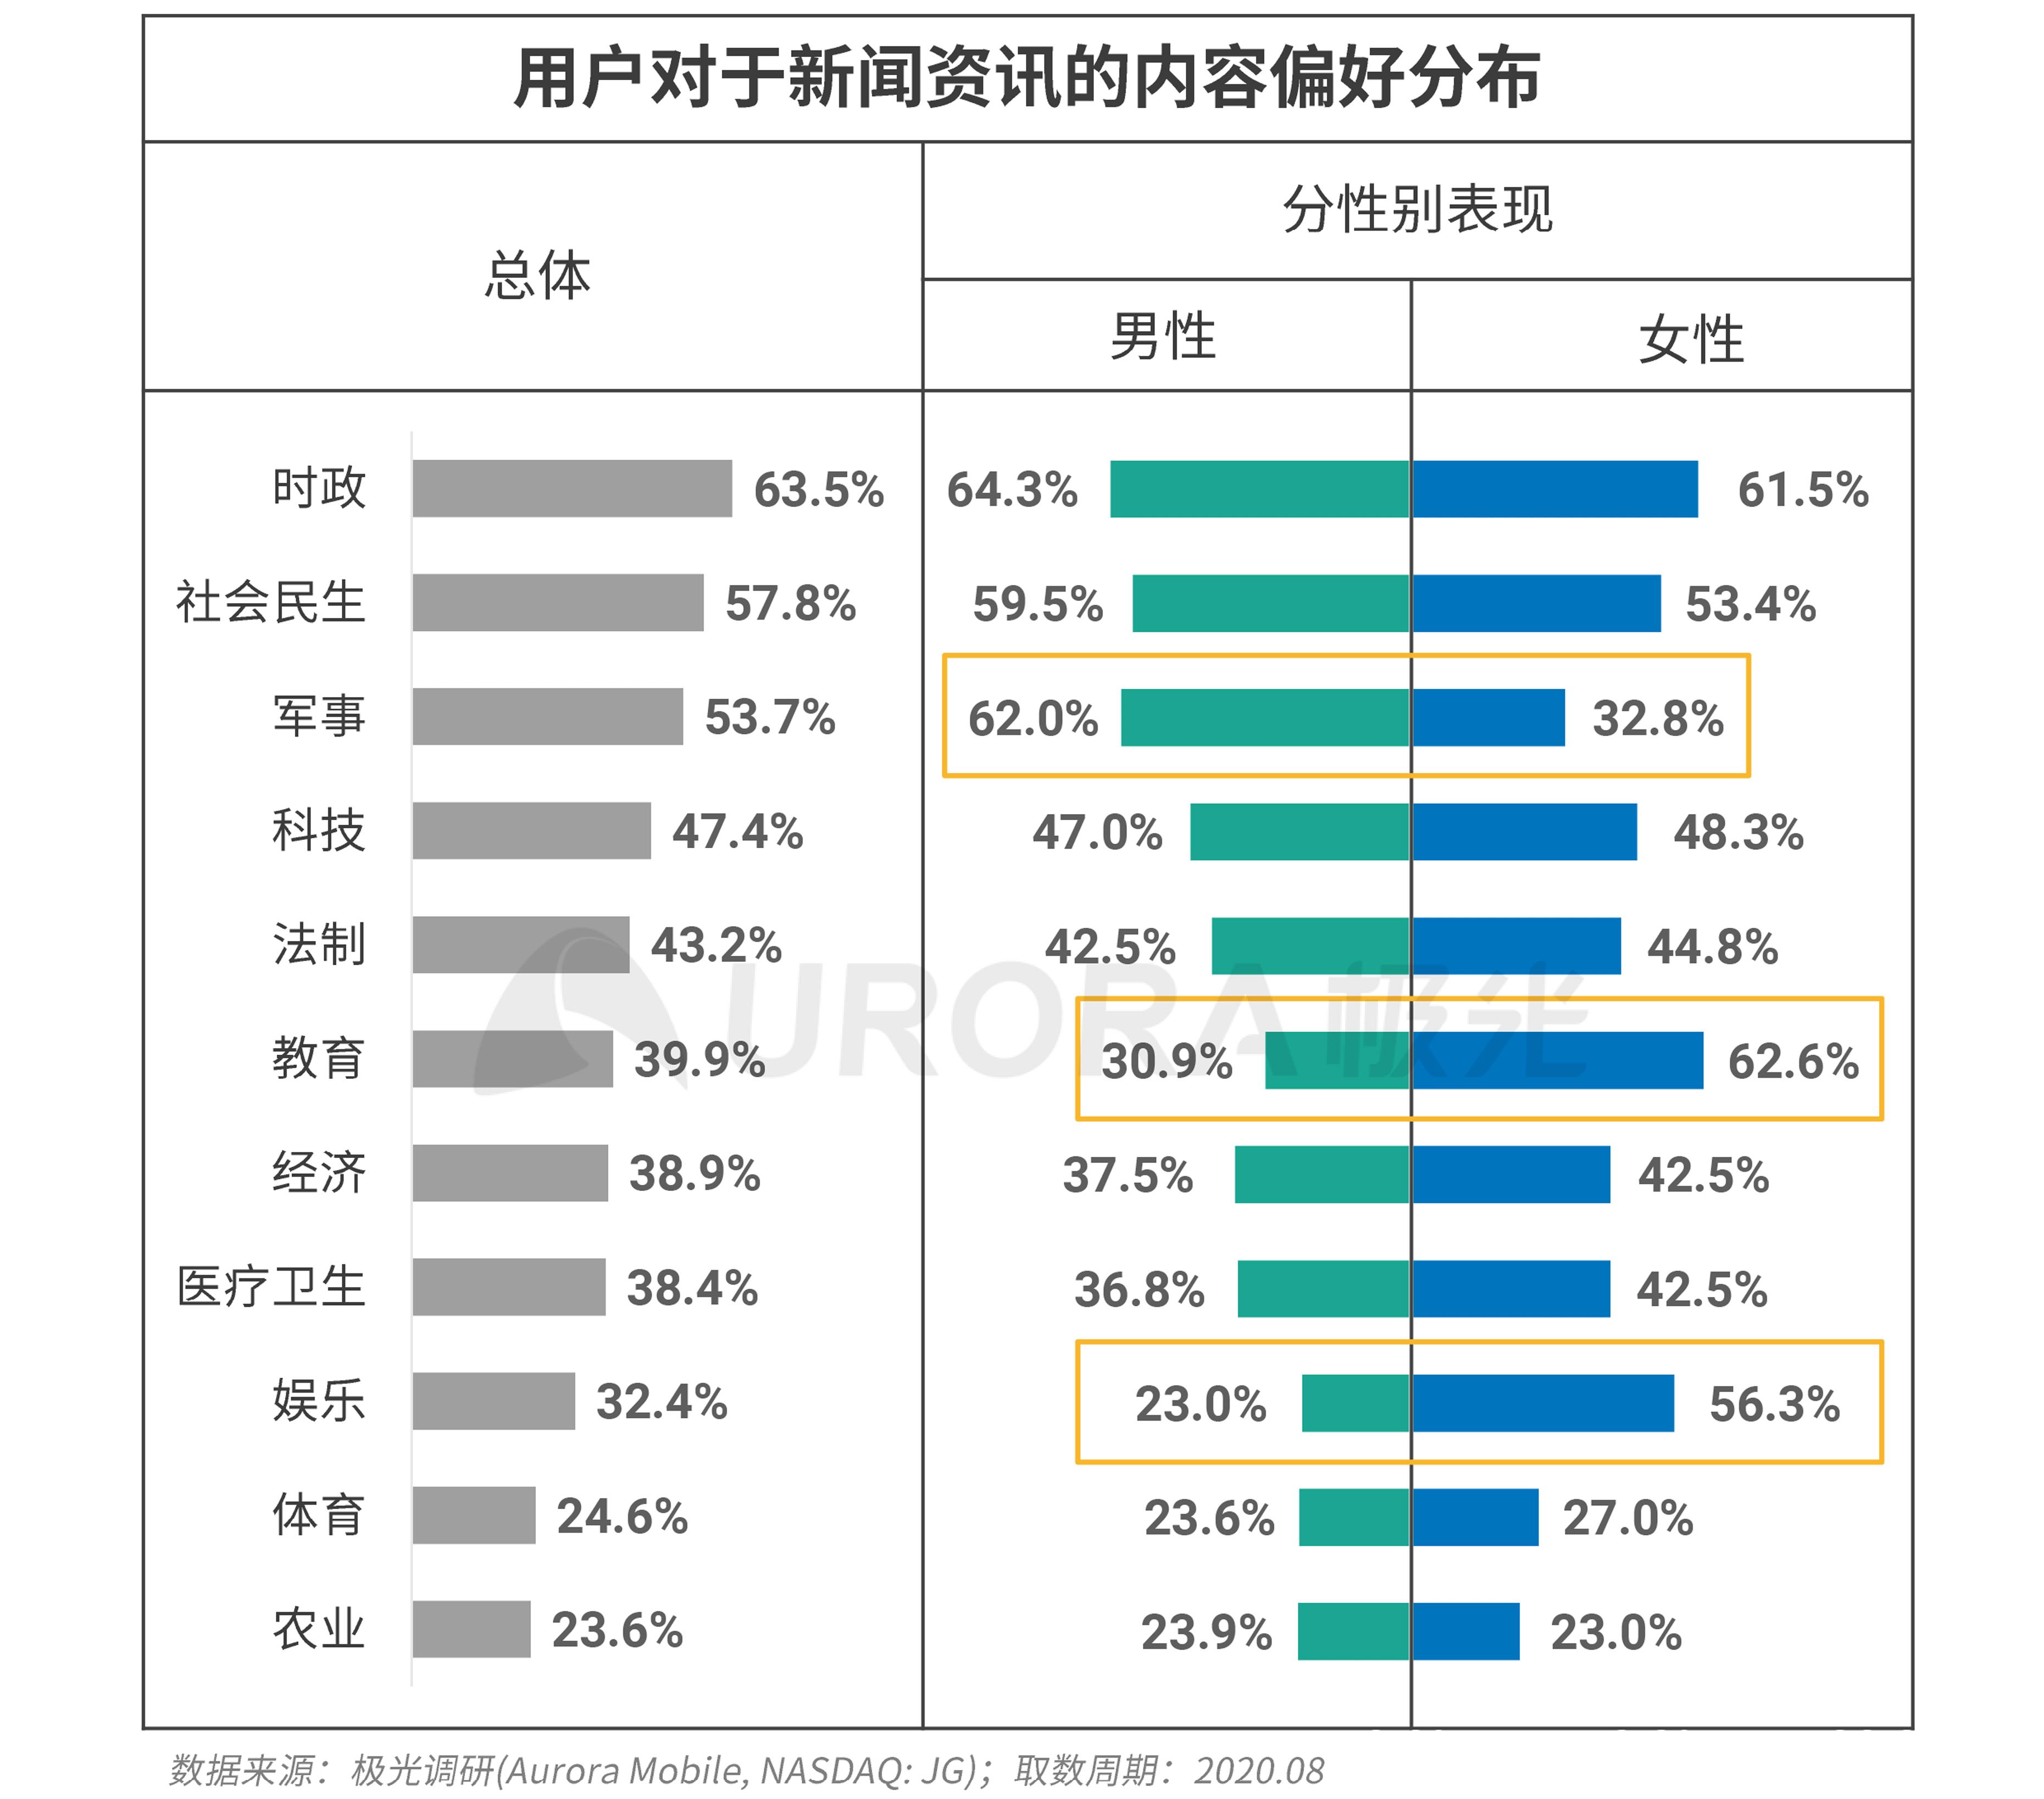 极光:新资讯行业系列报告--内容篇 (17).png